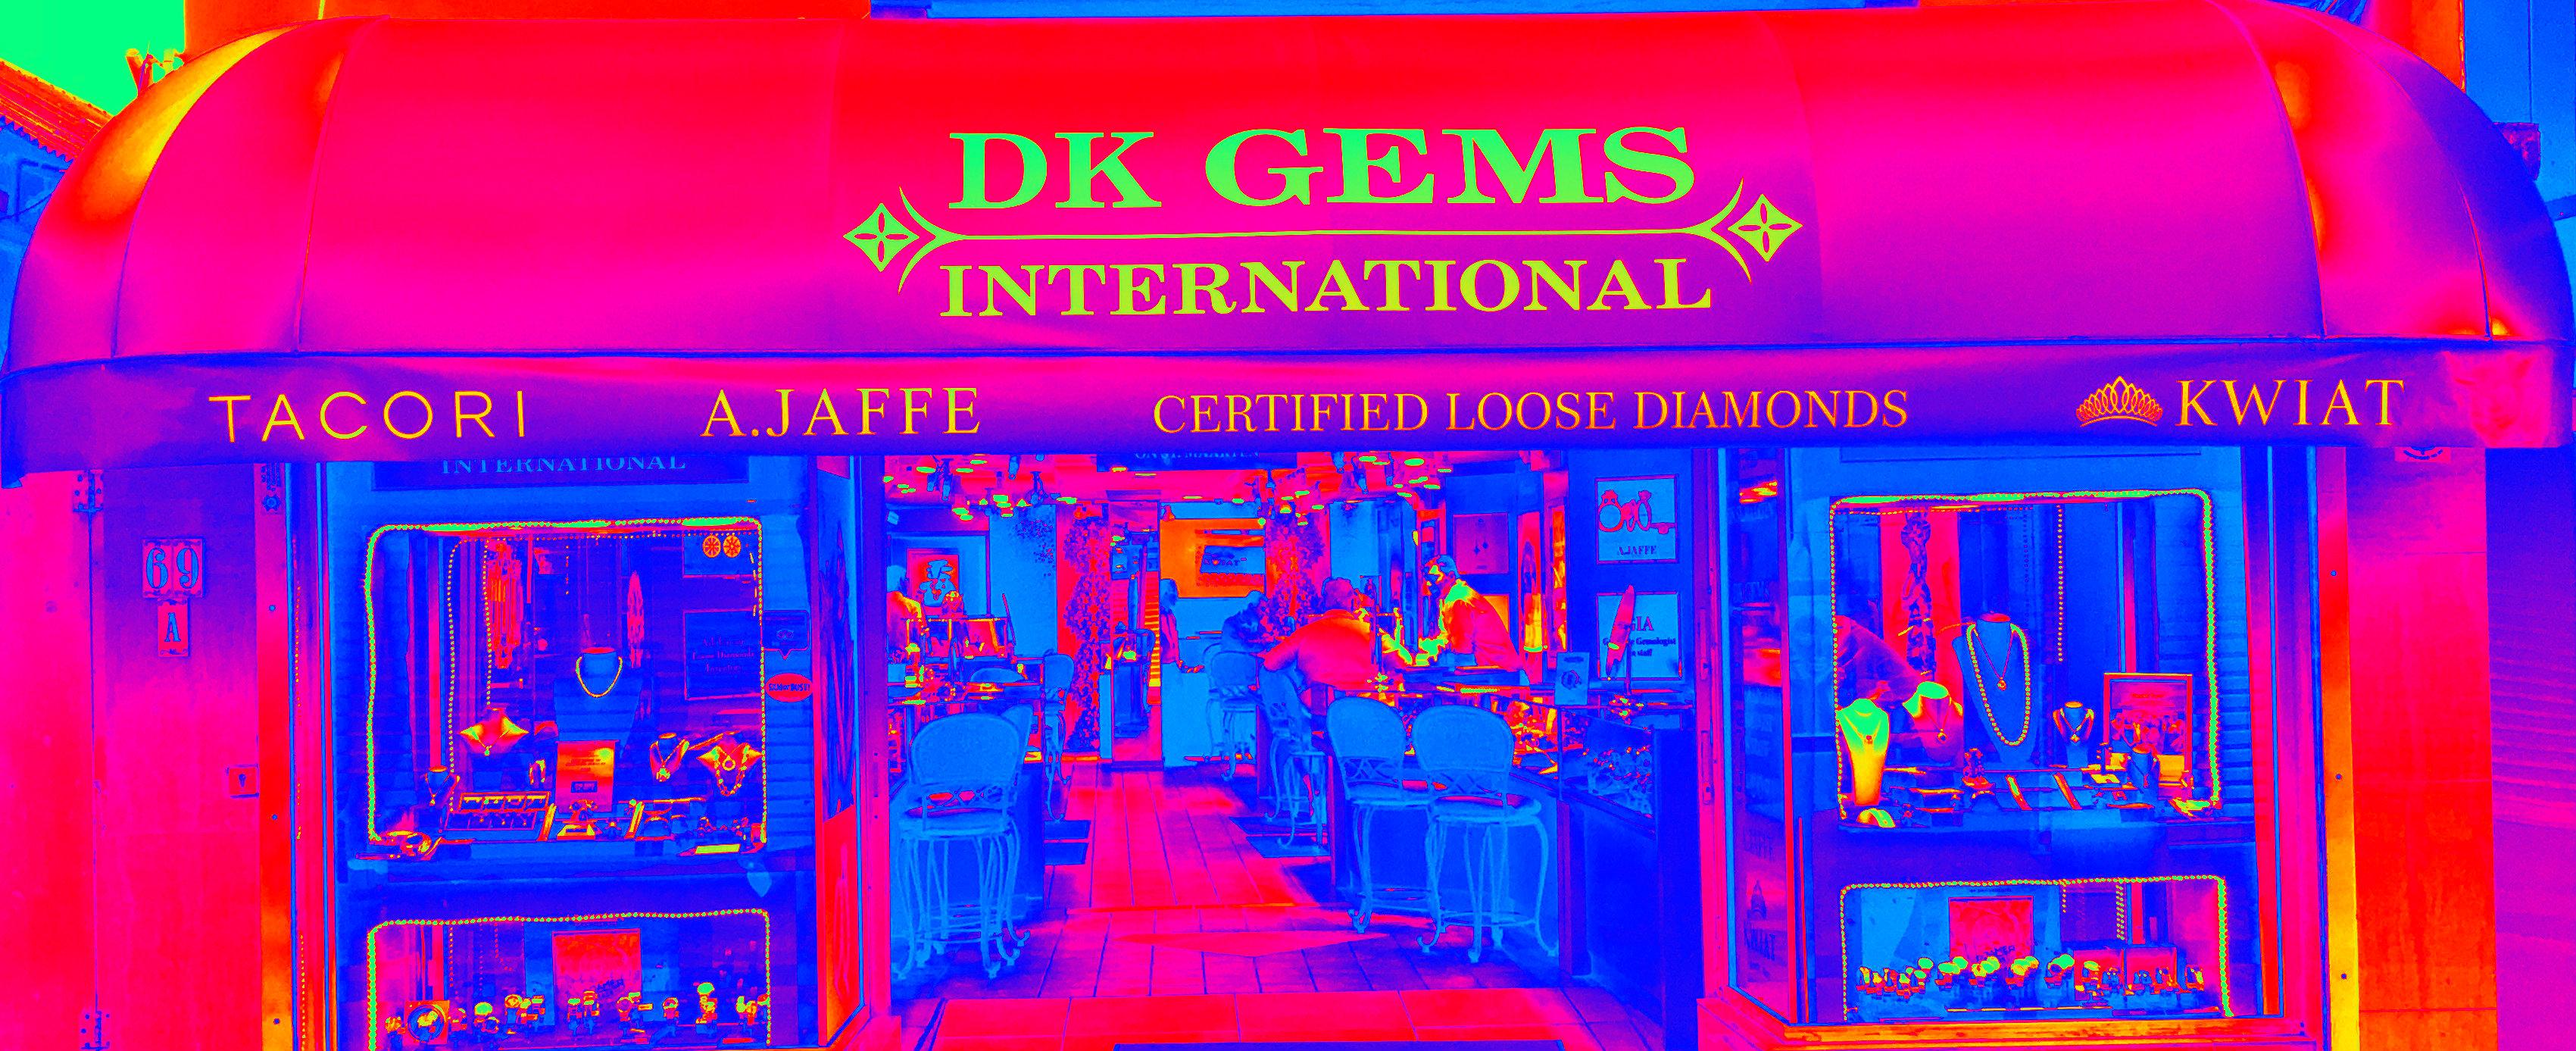 jewelry stores in st maarten DK Gems International VOTED BEST Sint Maarten Jewelry stores infrared